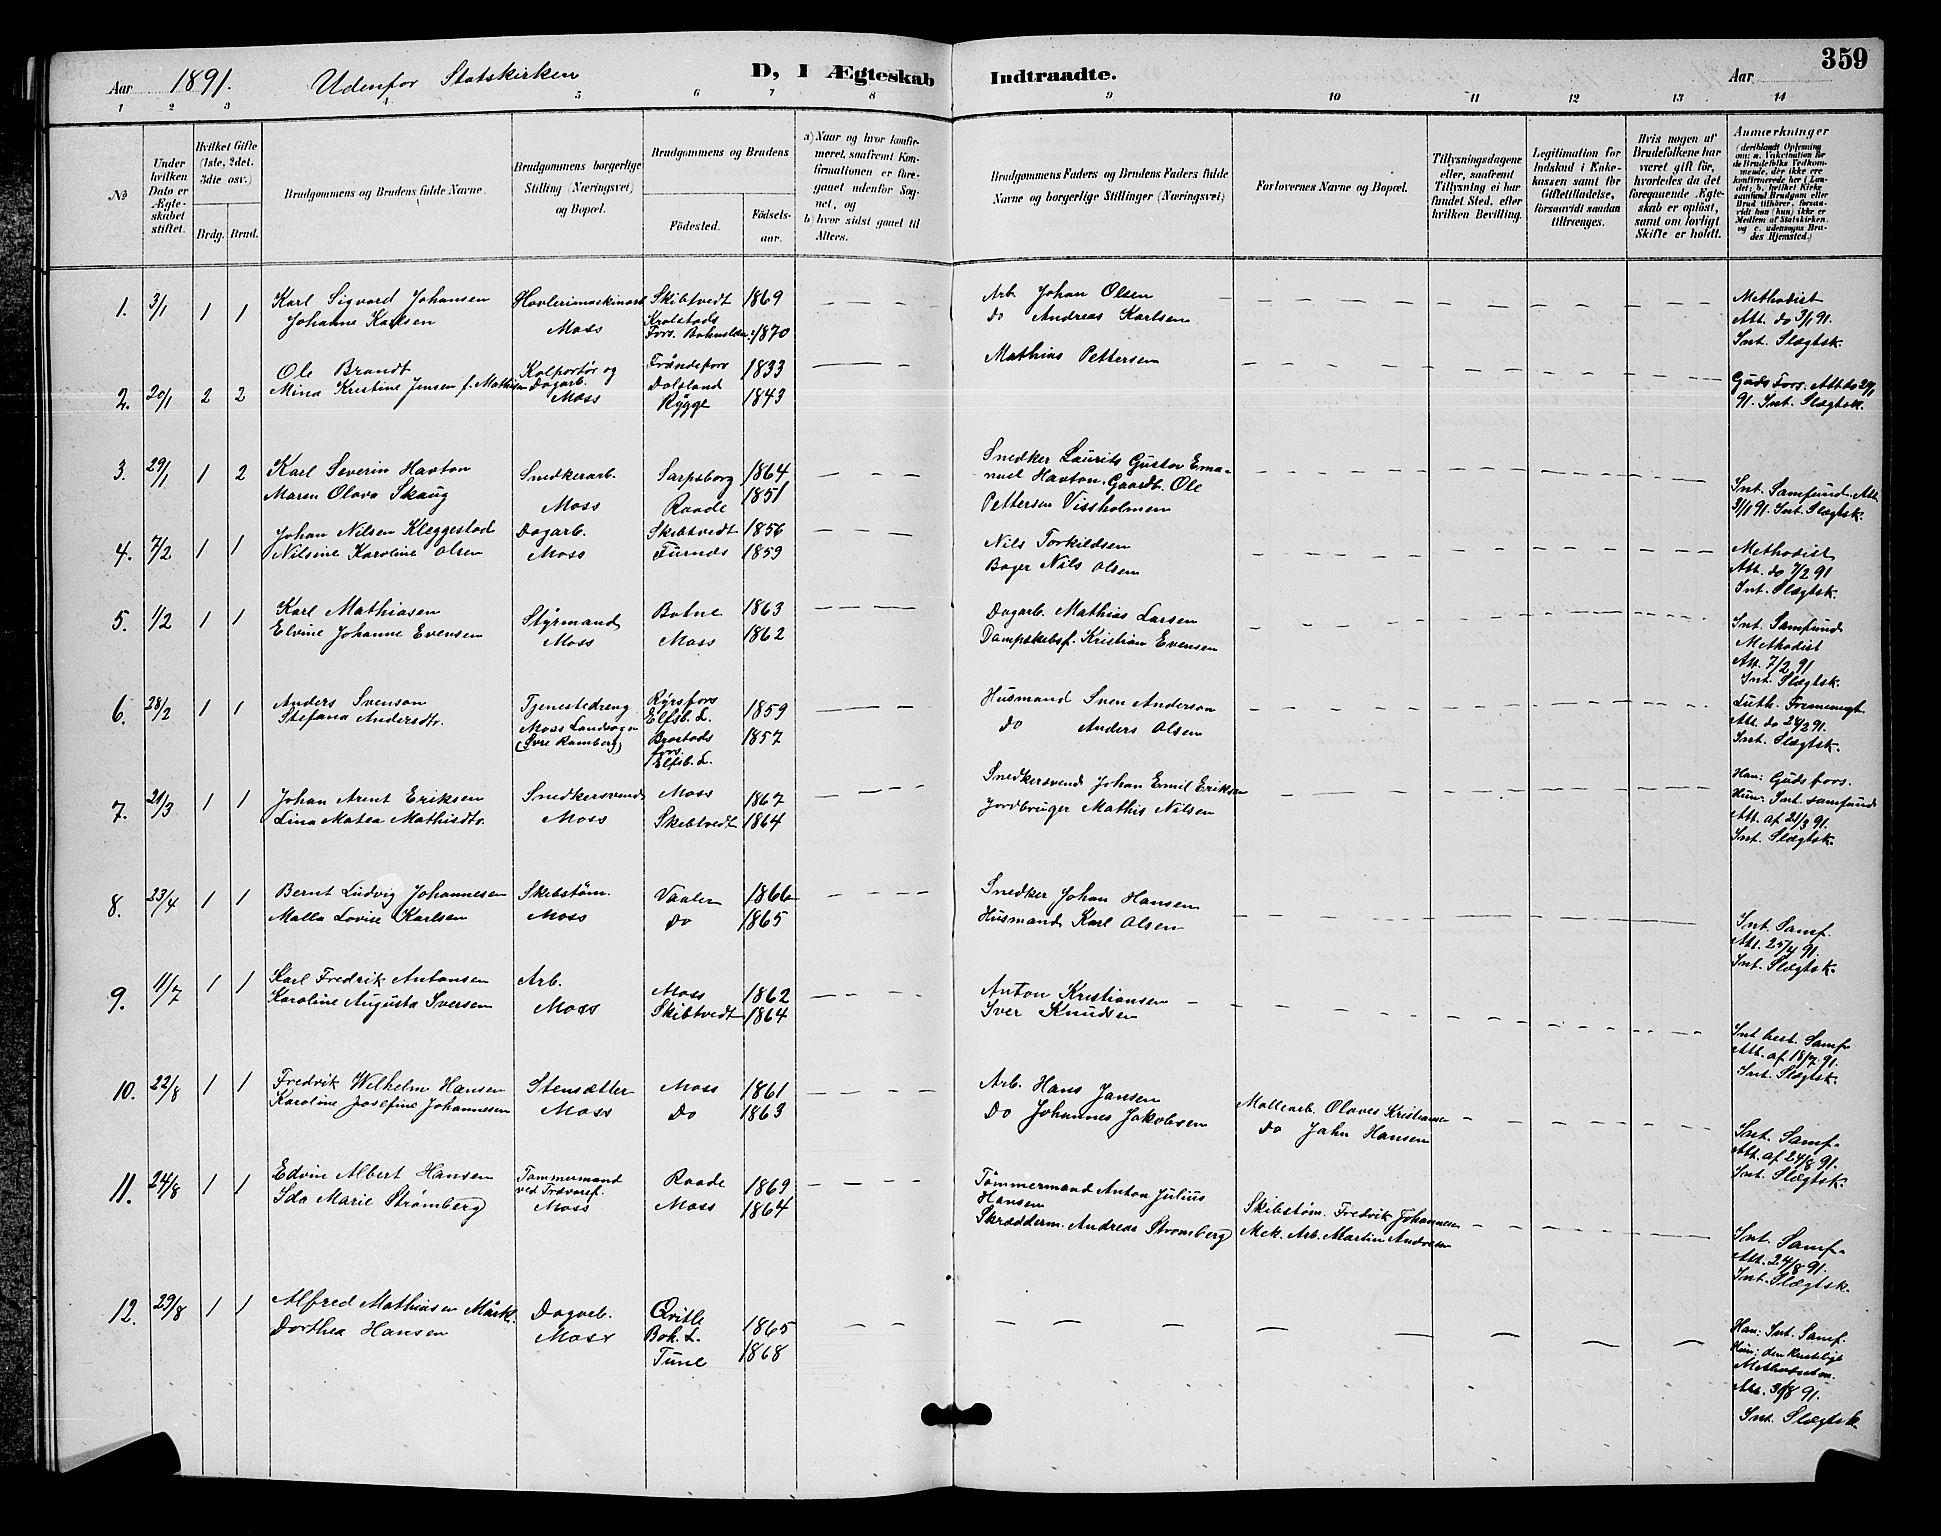 SAO, Moss prestekontor Kirkebøker, G/Ga/L0006: Klokkerbok nr. I 6, 1889-1900, s. 359